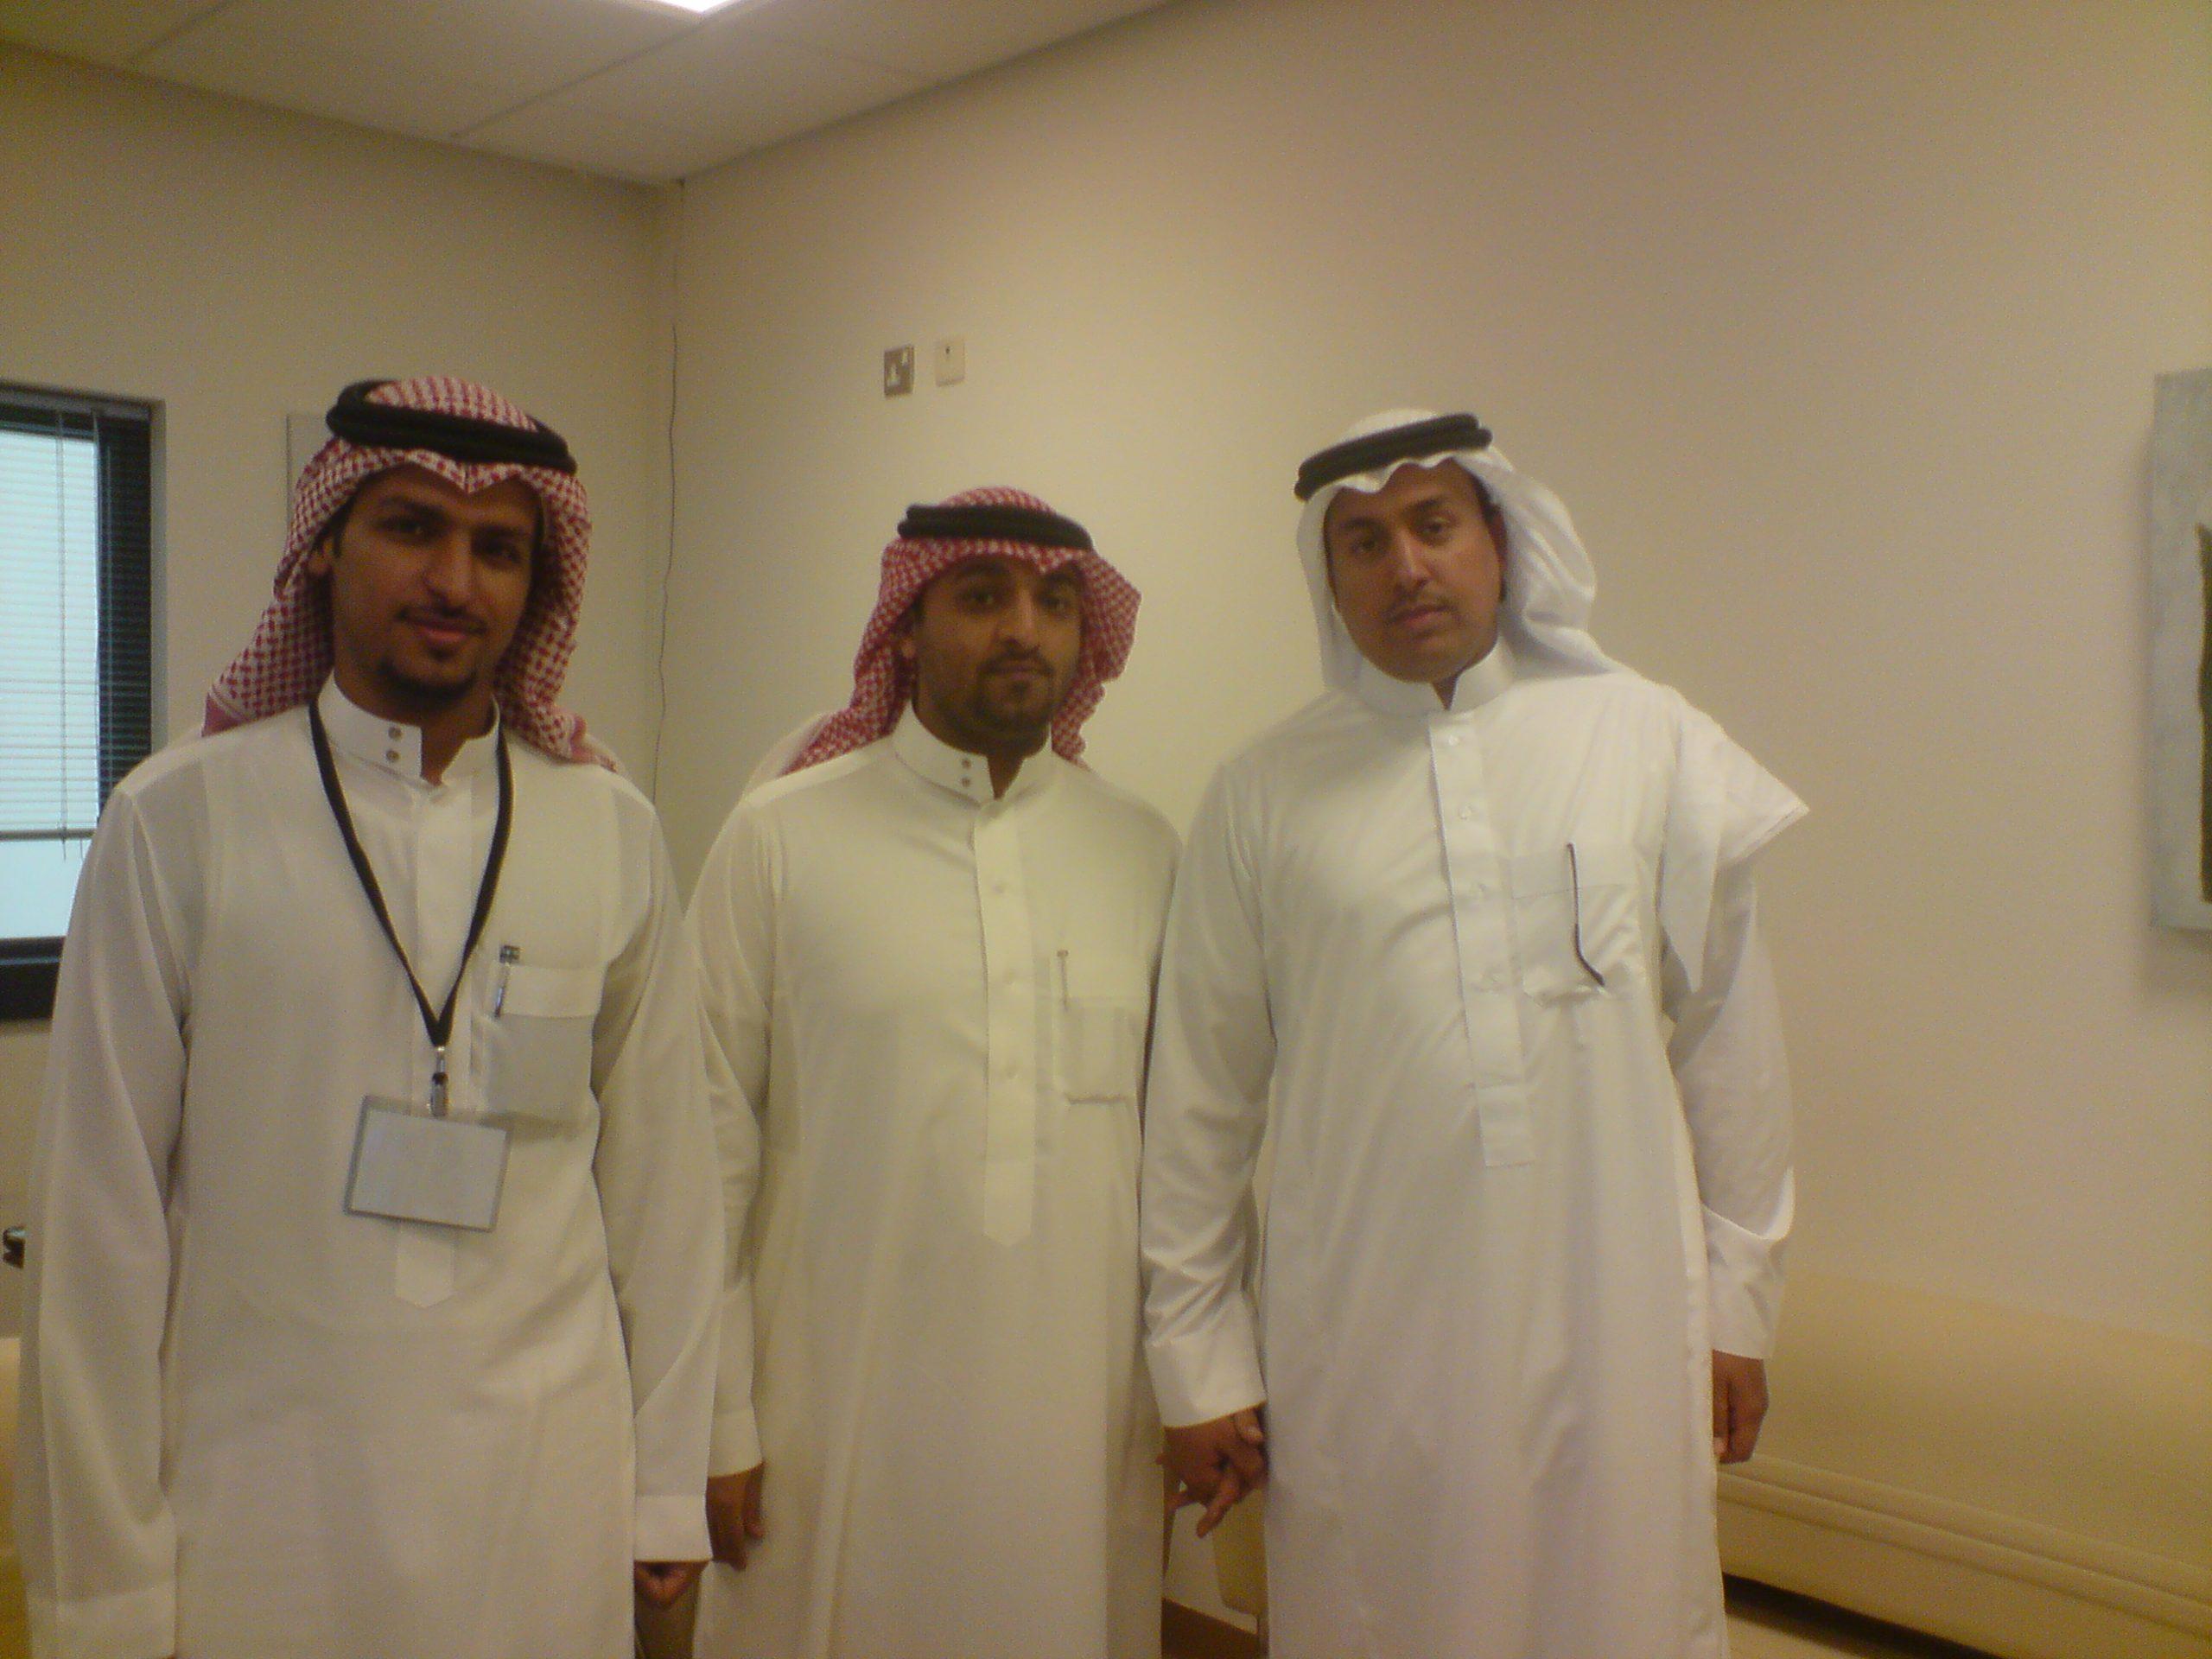 مع الأخوين عبدالرحمن الخراشي وتركي السعد